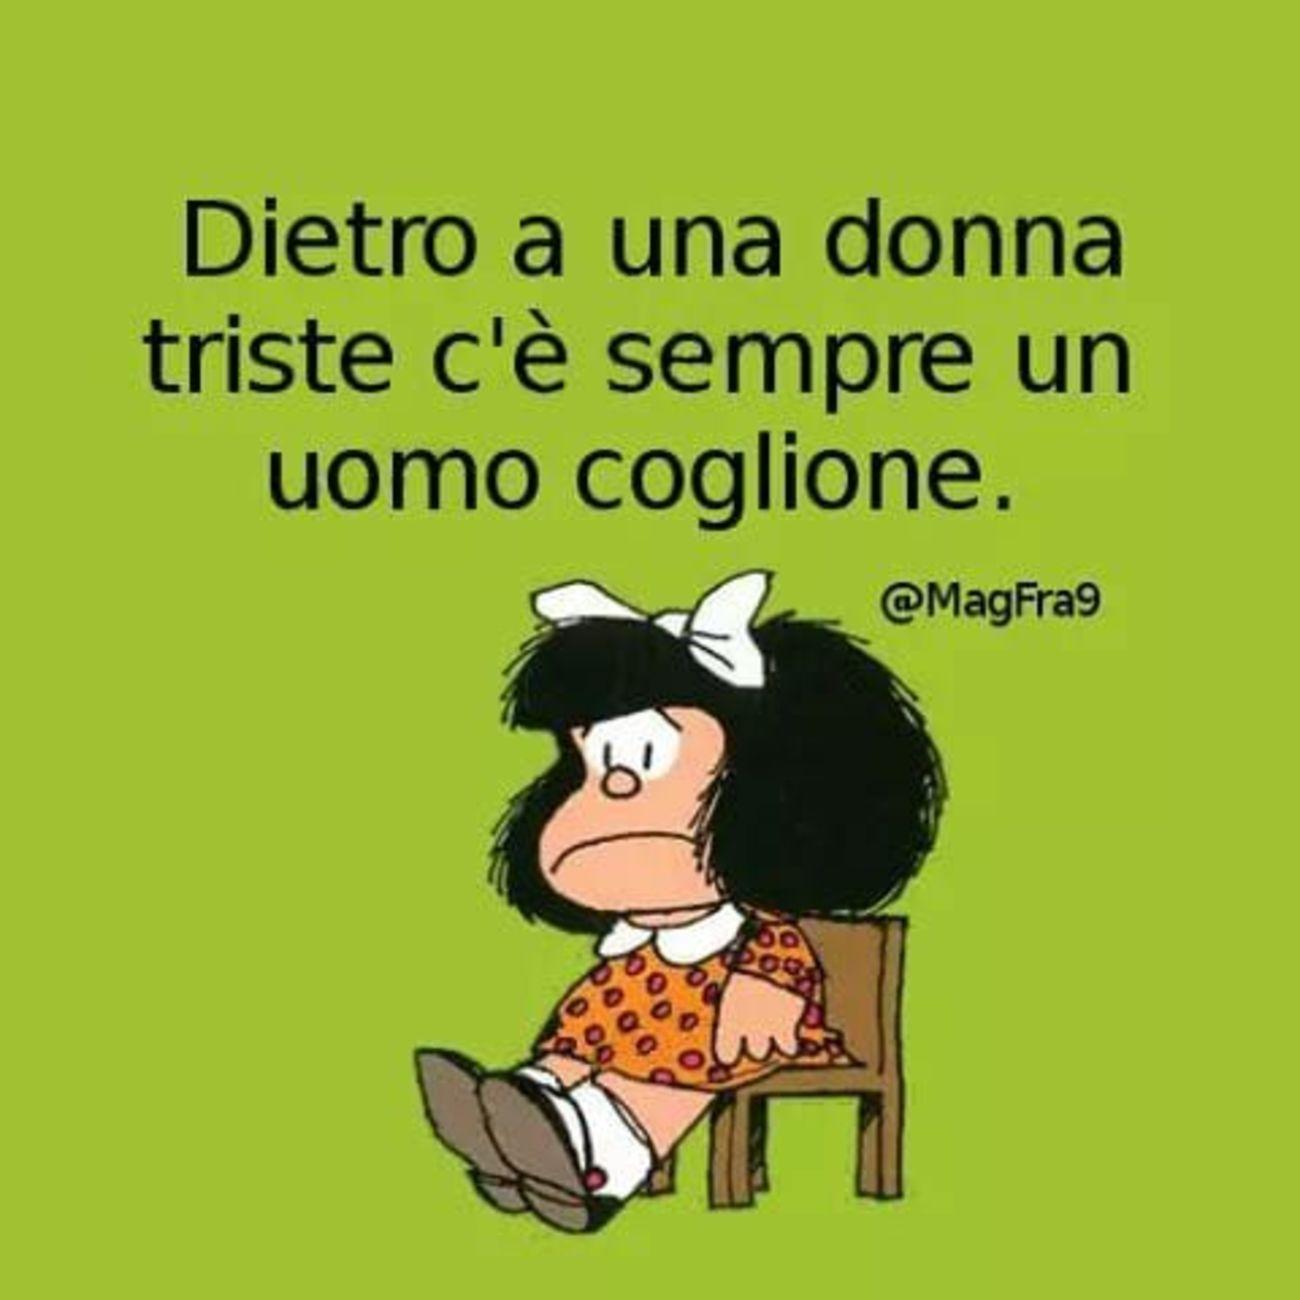 Frasi Mafalda Humor Funny